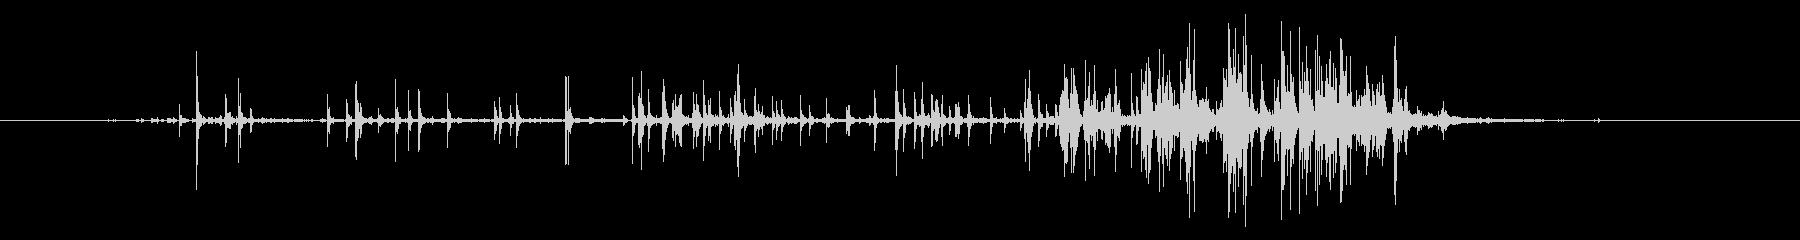 フックとループファスナー付きの小さ...の未再生の波形